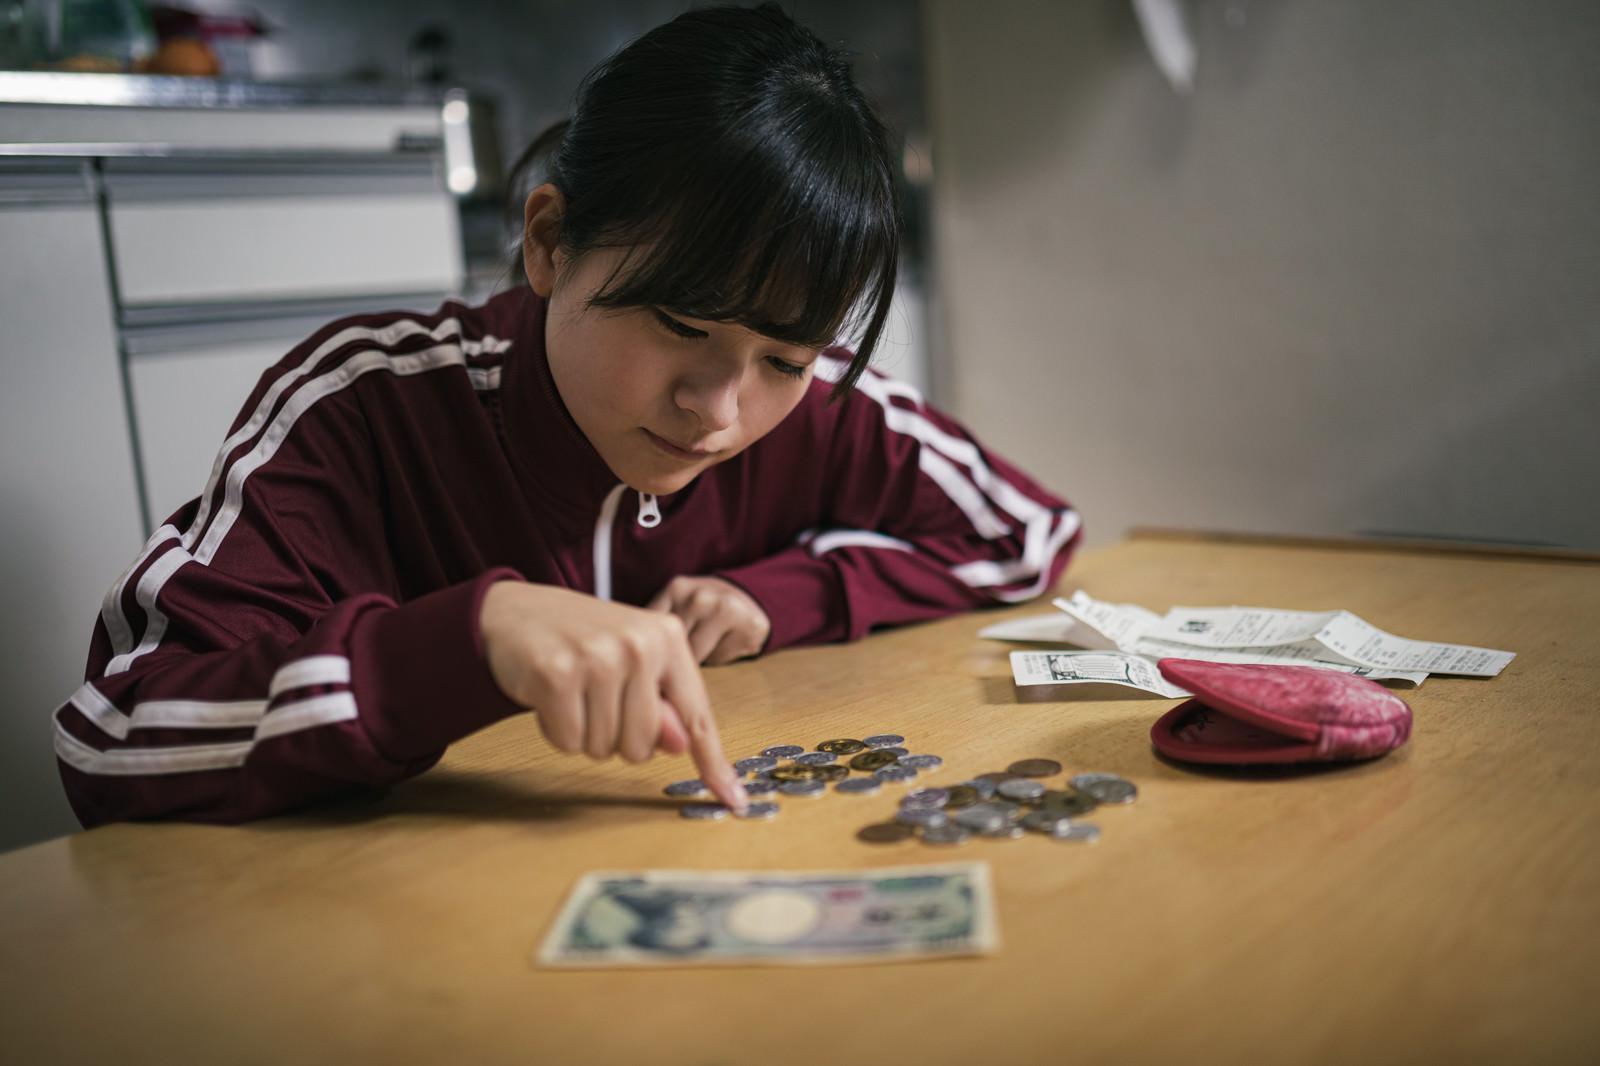 「自粛が続き生活費を切り詰める女子学生の様子」の写真[モデル:千歳]